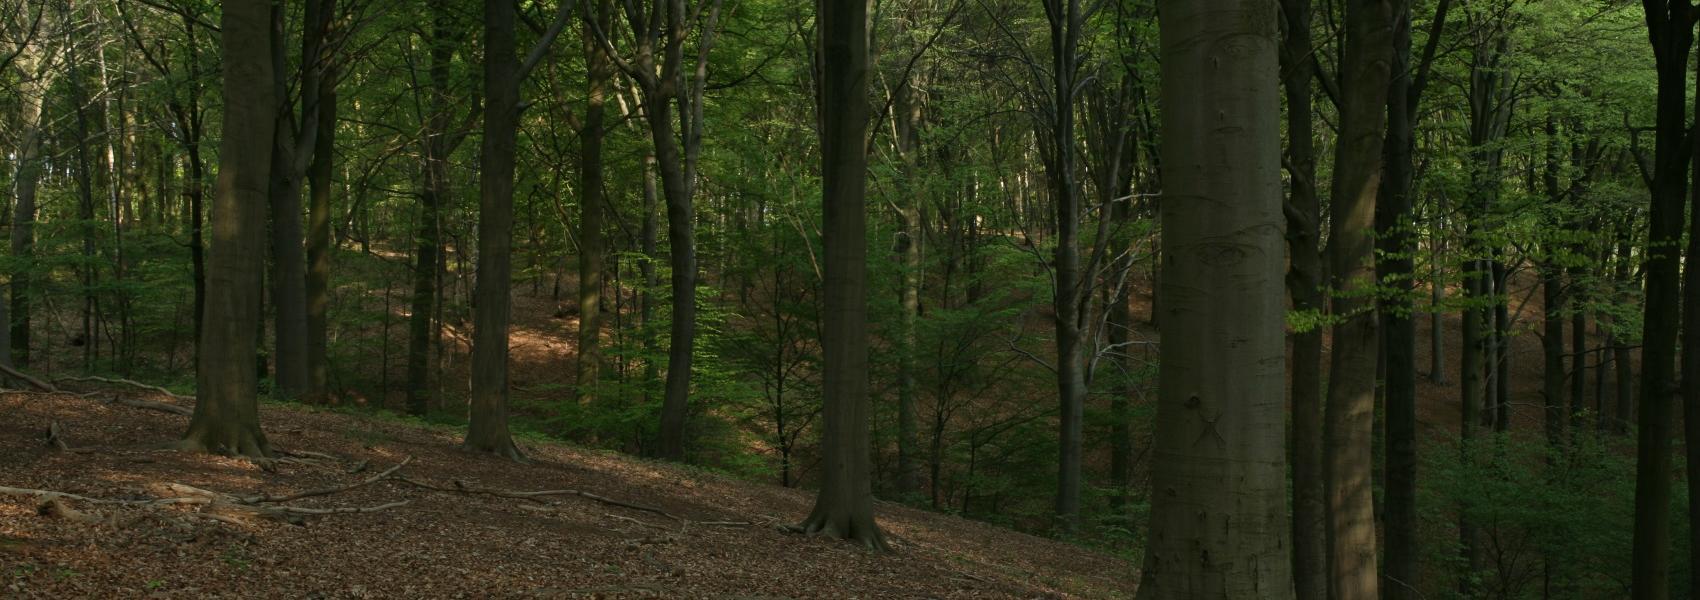 zicht in het bos